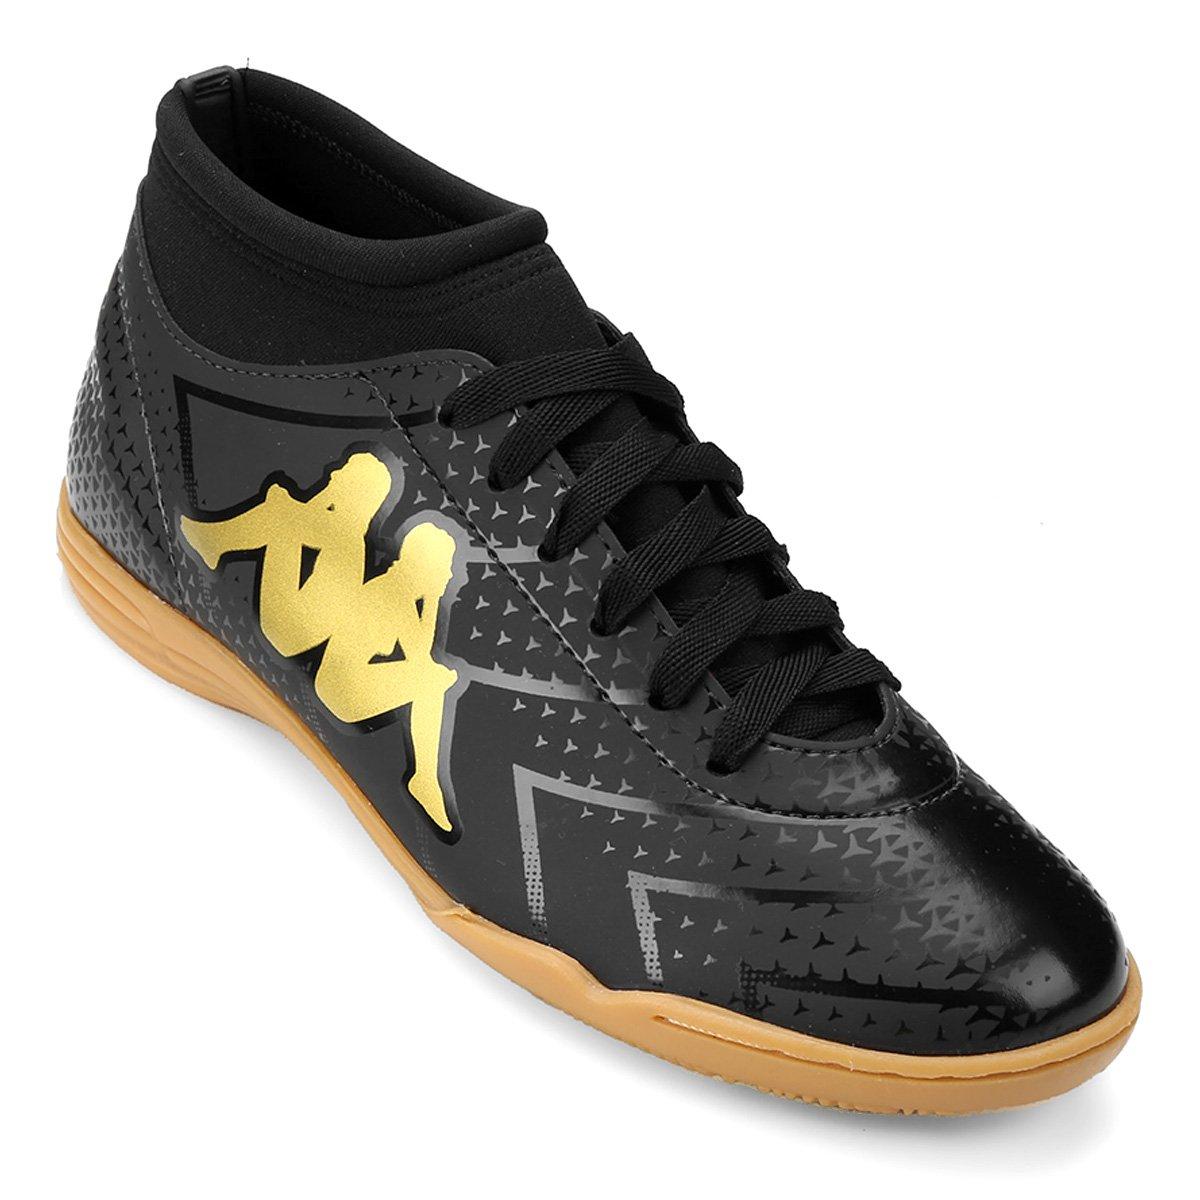 92ce697749 Chuteira Futsal Kappa Údine - Preto e Dourado - Compre Agora